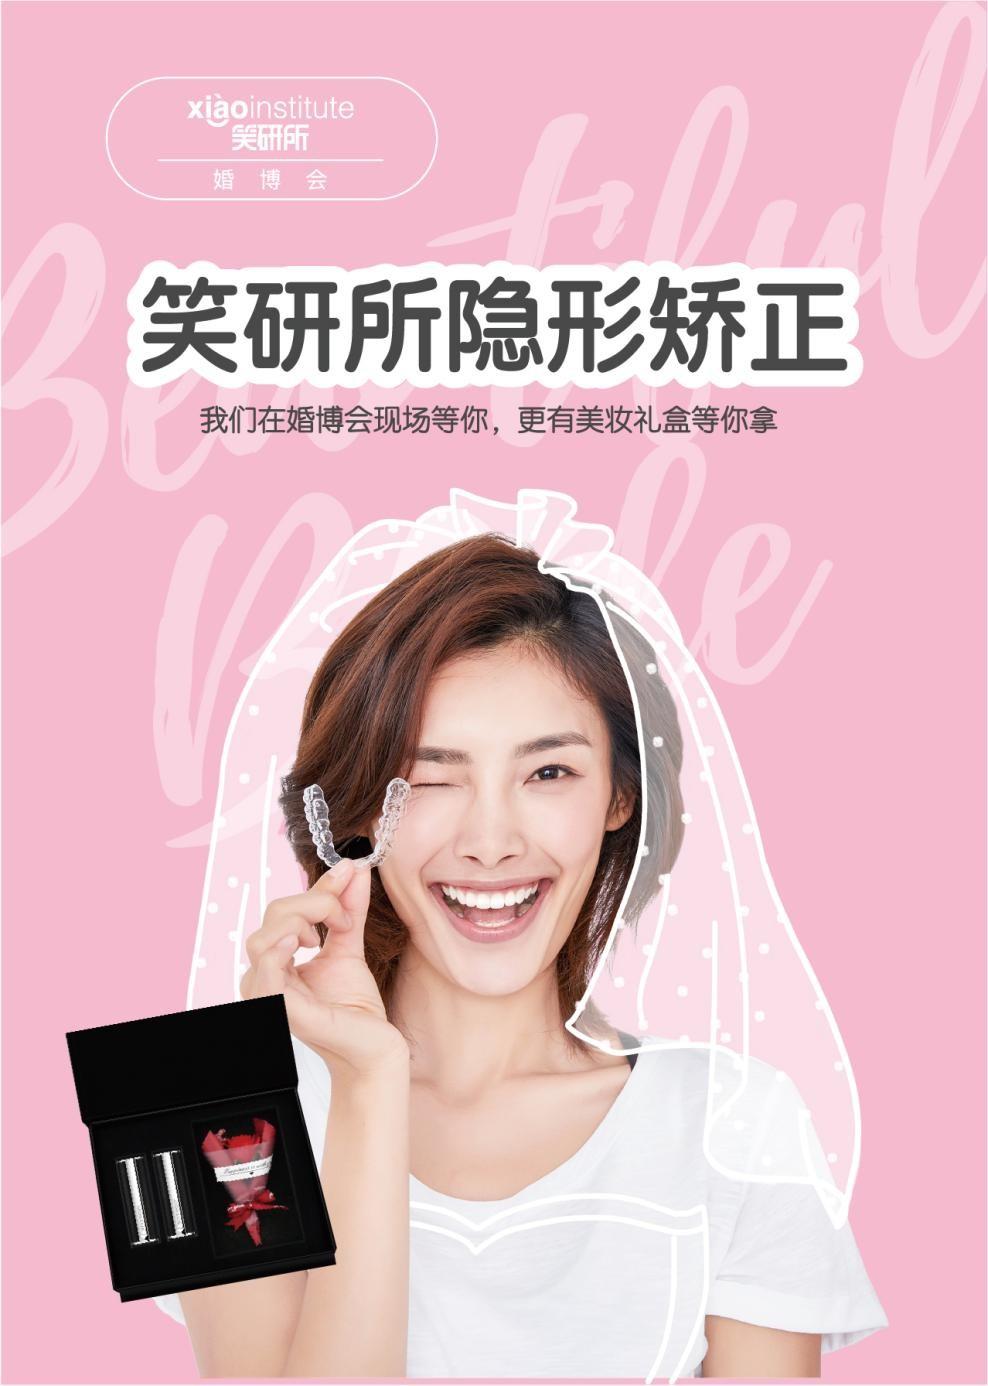 北京婚博会新选择 笑研所成就新人幸福笑容